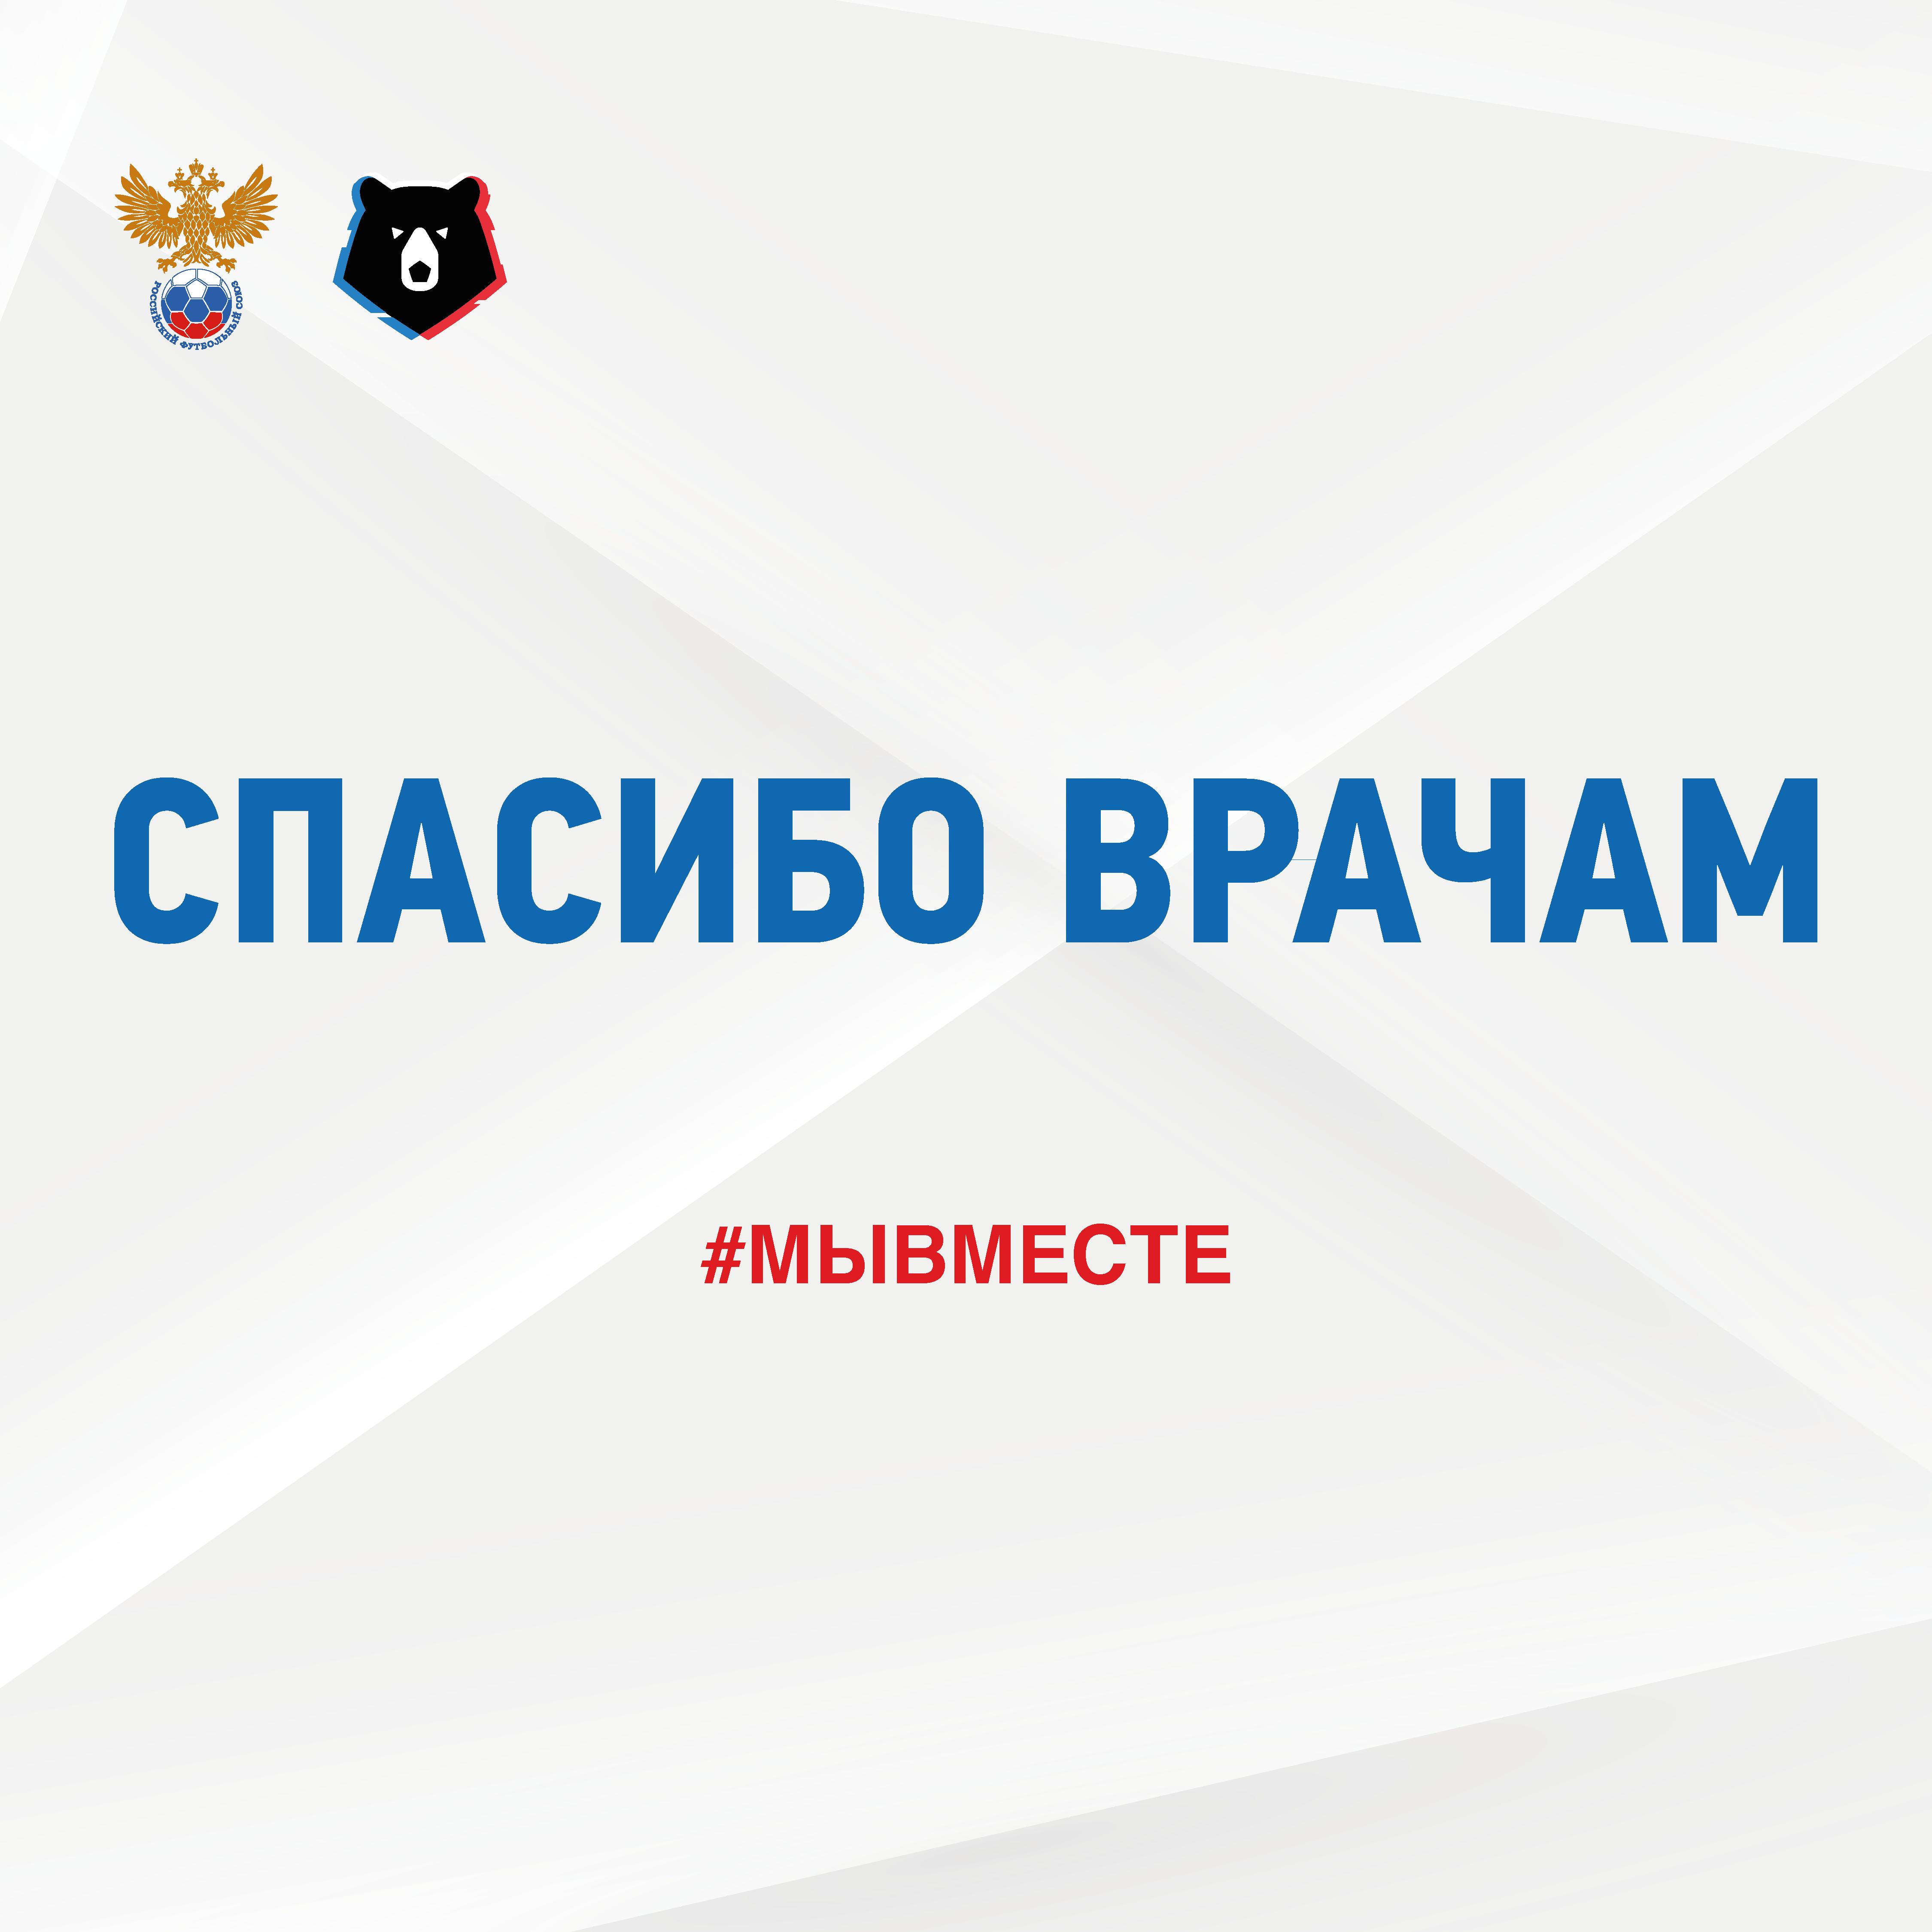 23-й тур Тинькофф РПЛ будет посвящён врачам